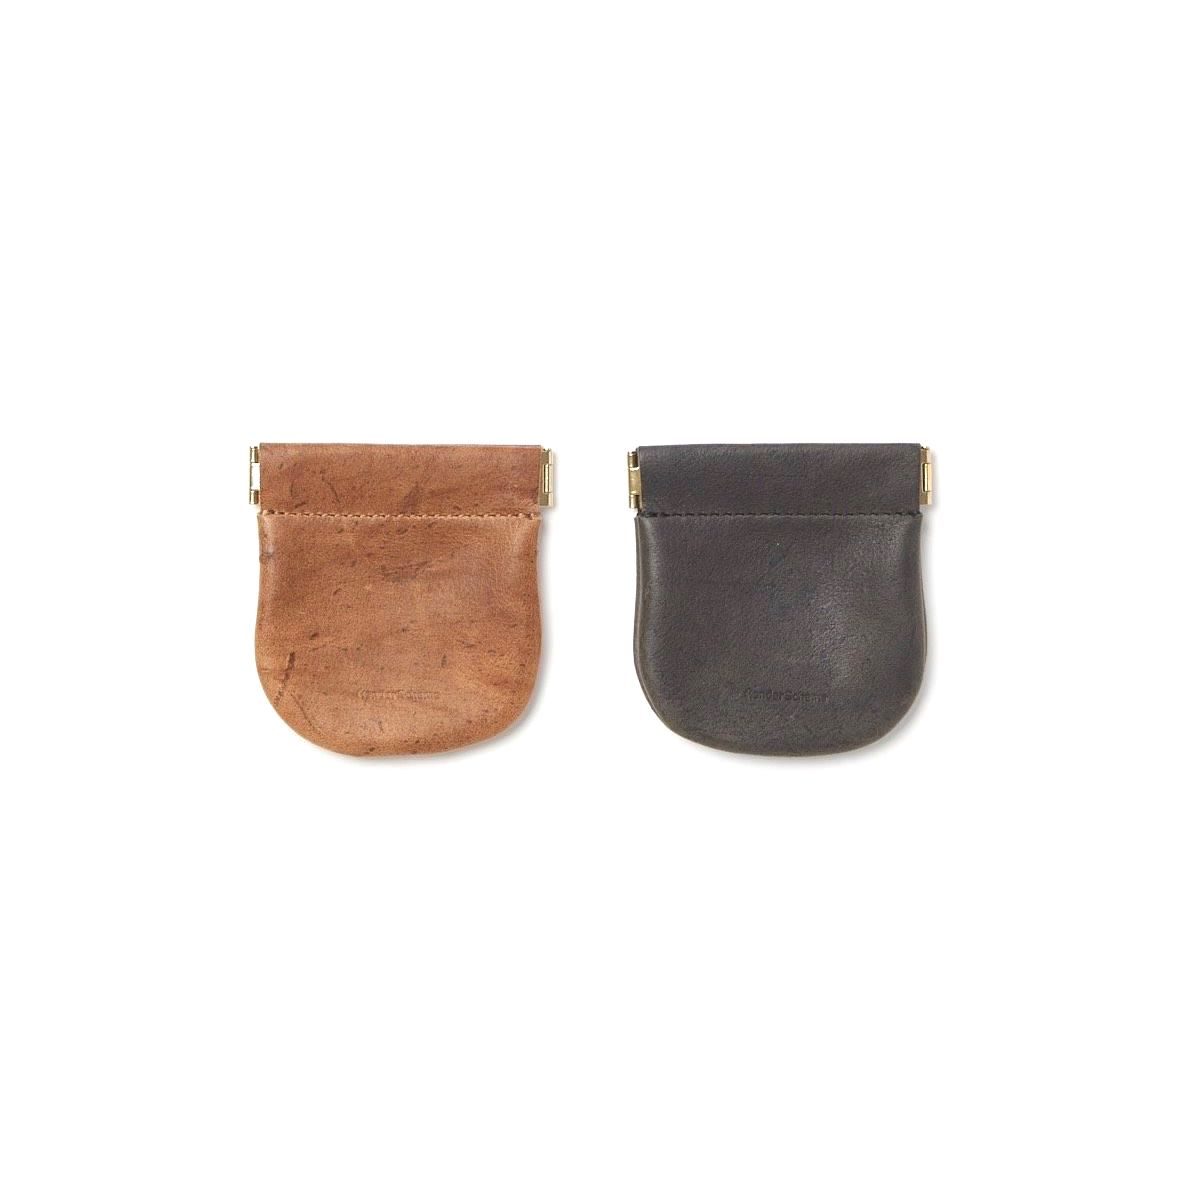 Hender Scheme / coin purse S